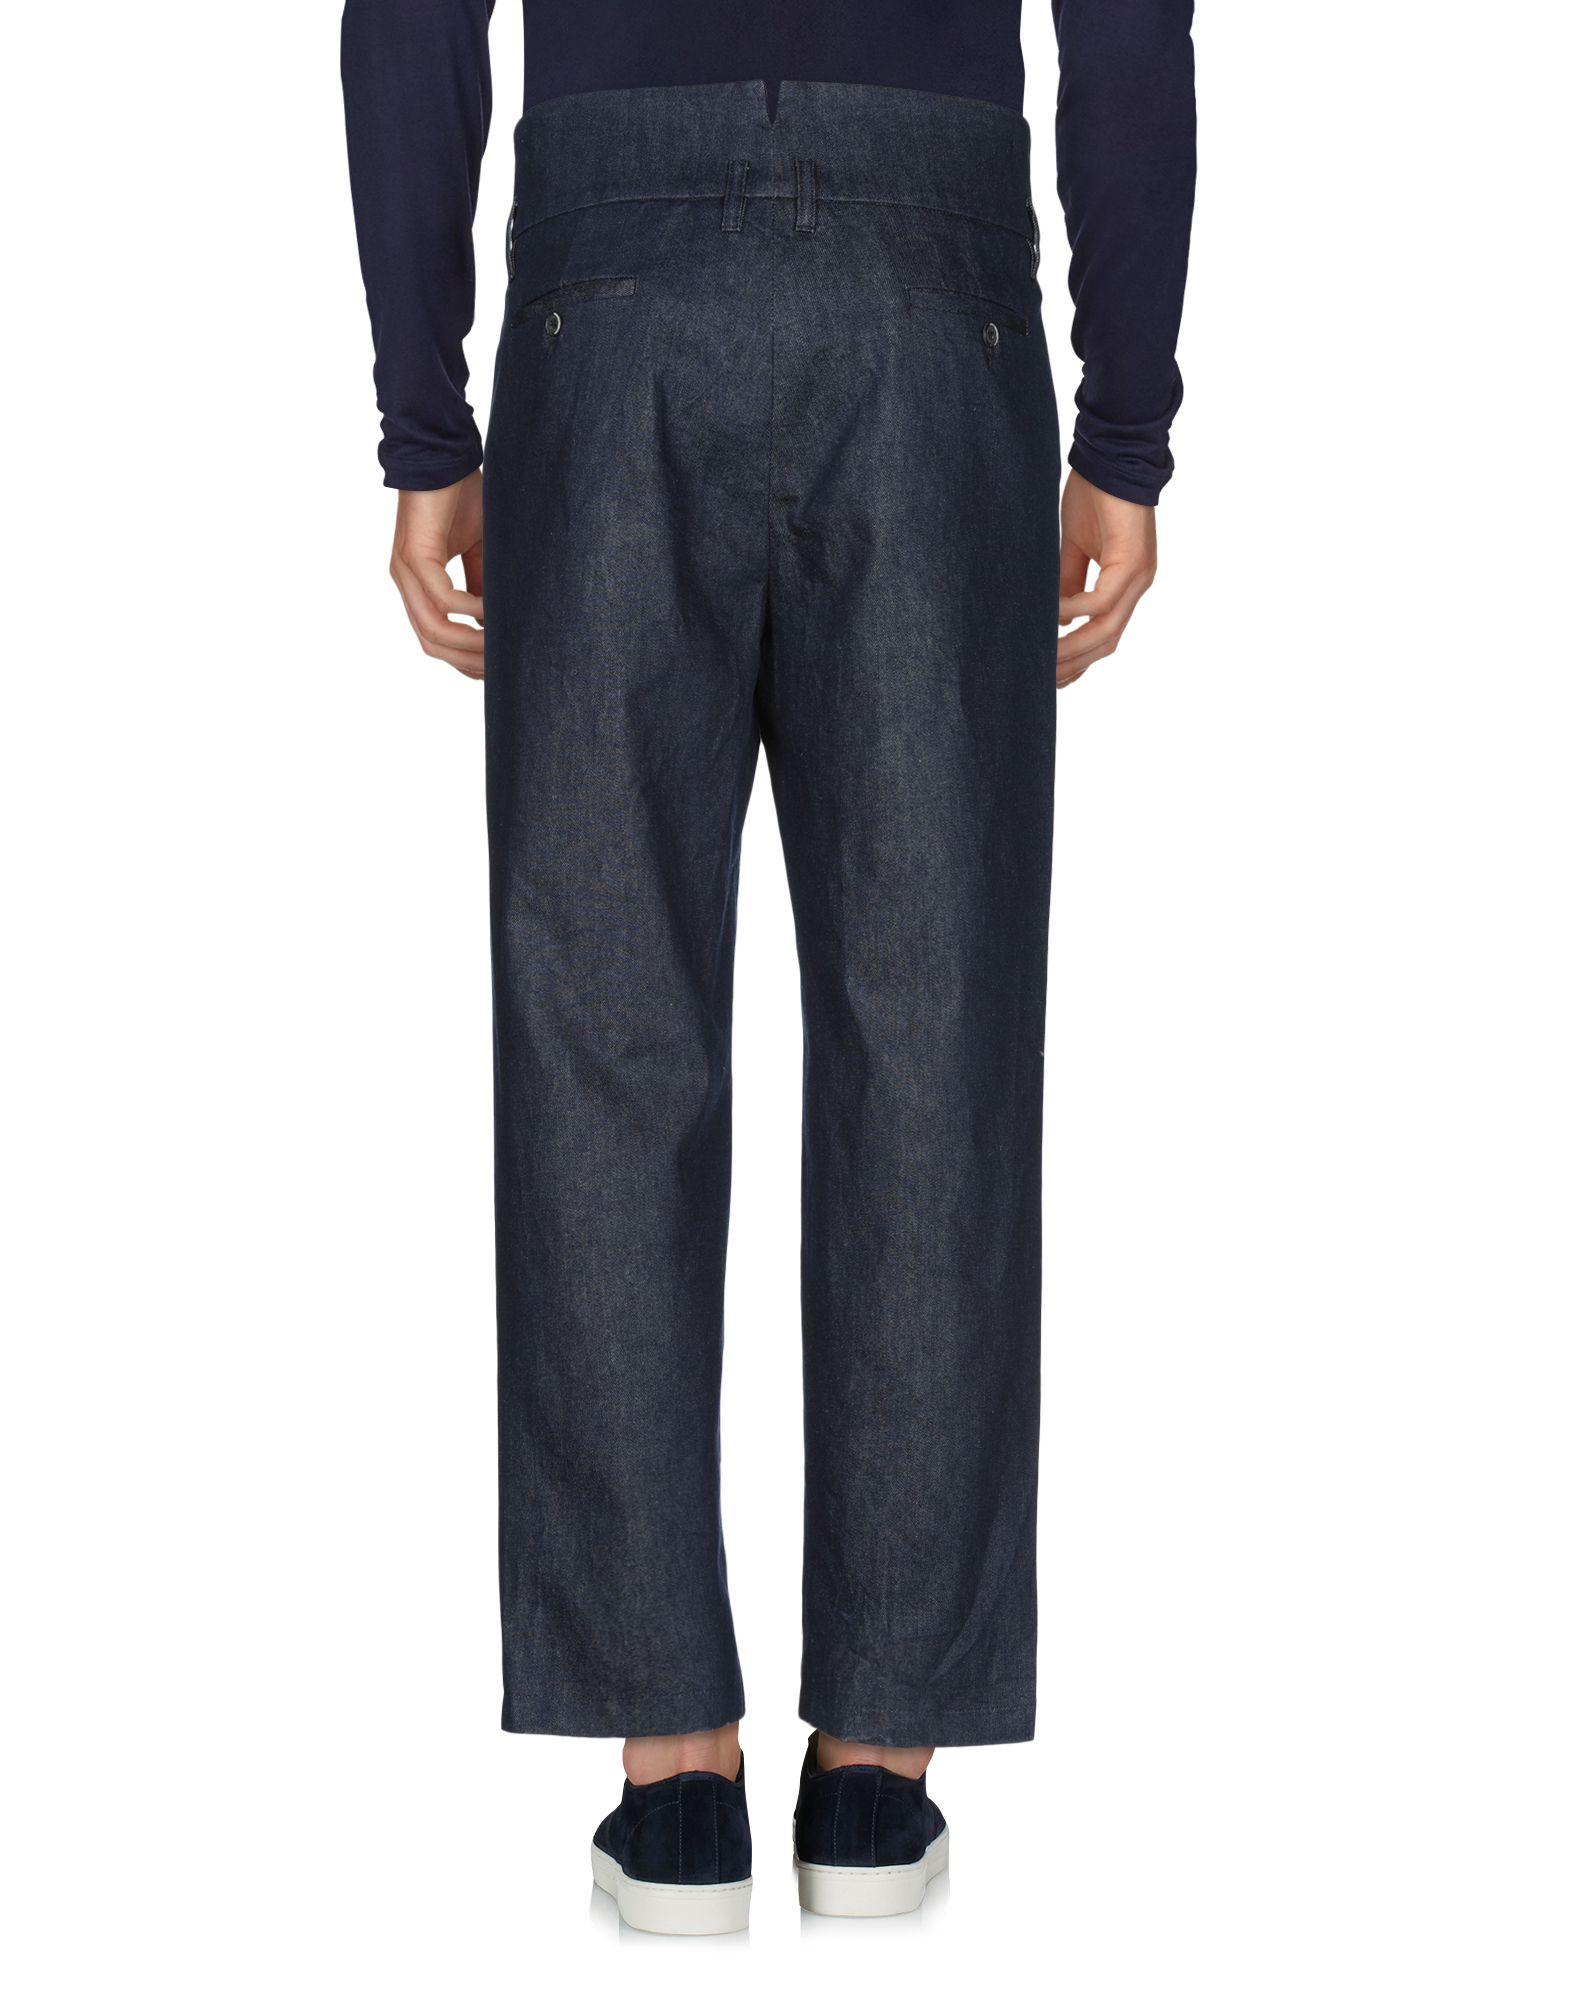 Pantaloni 42686336KN Jeans Barena Uomo - 42686336KN Pantaloni c54b20